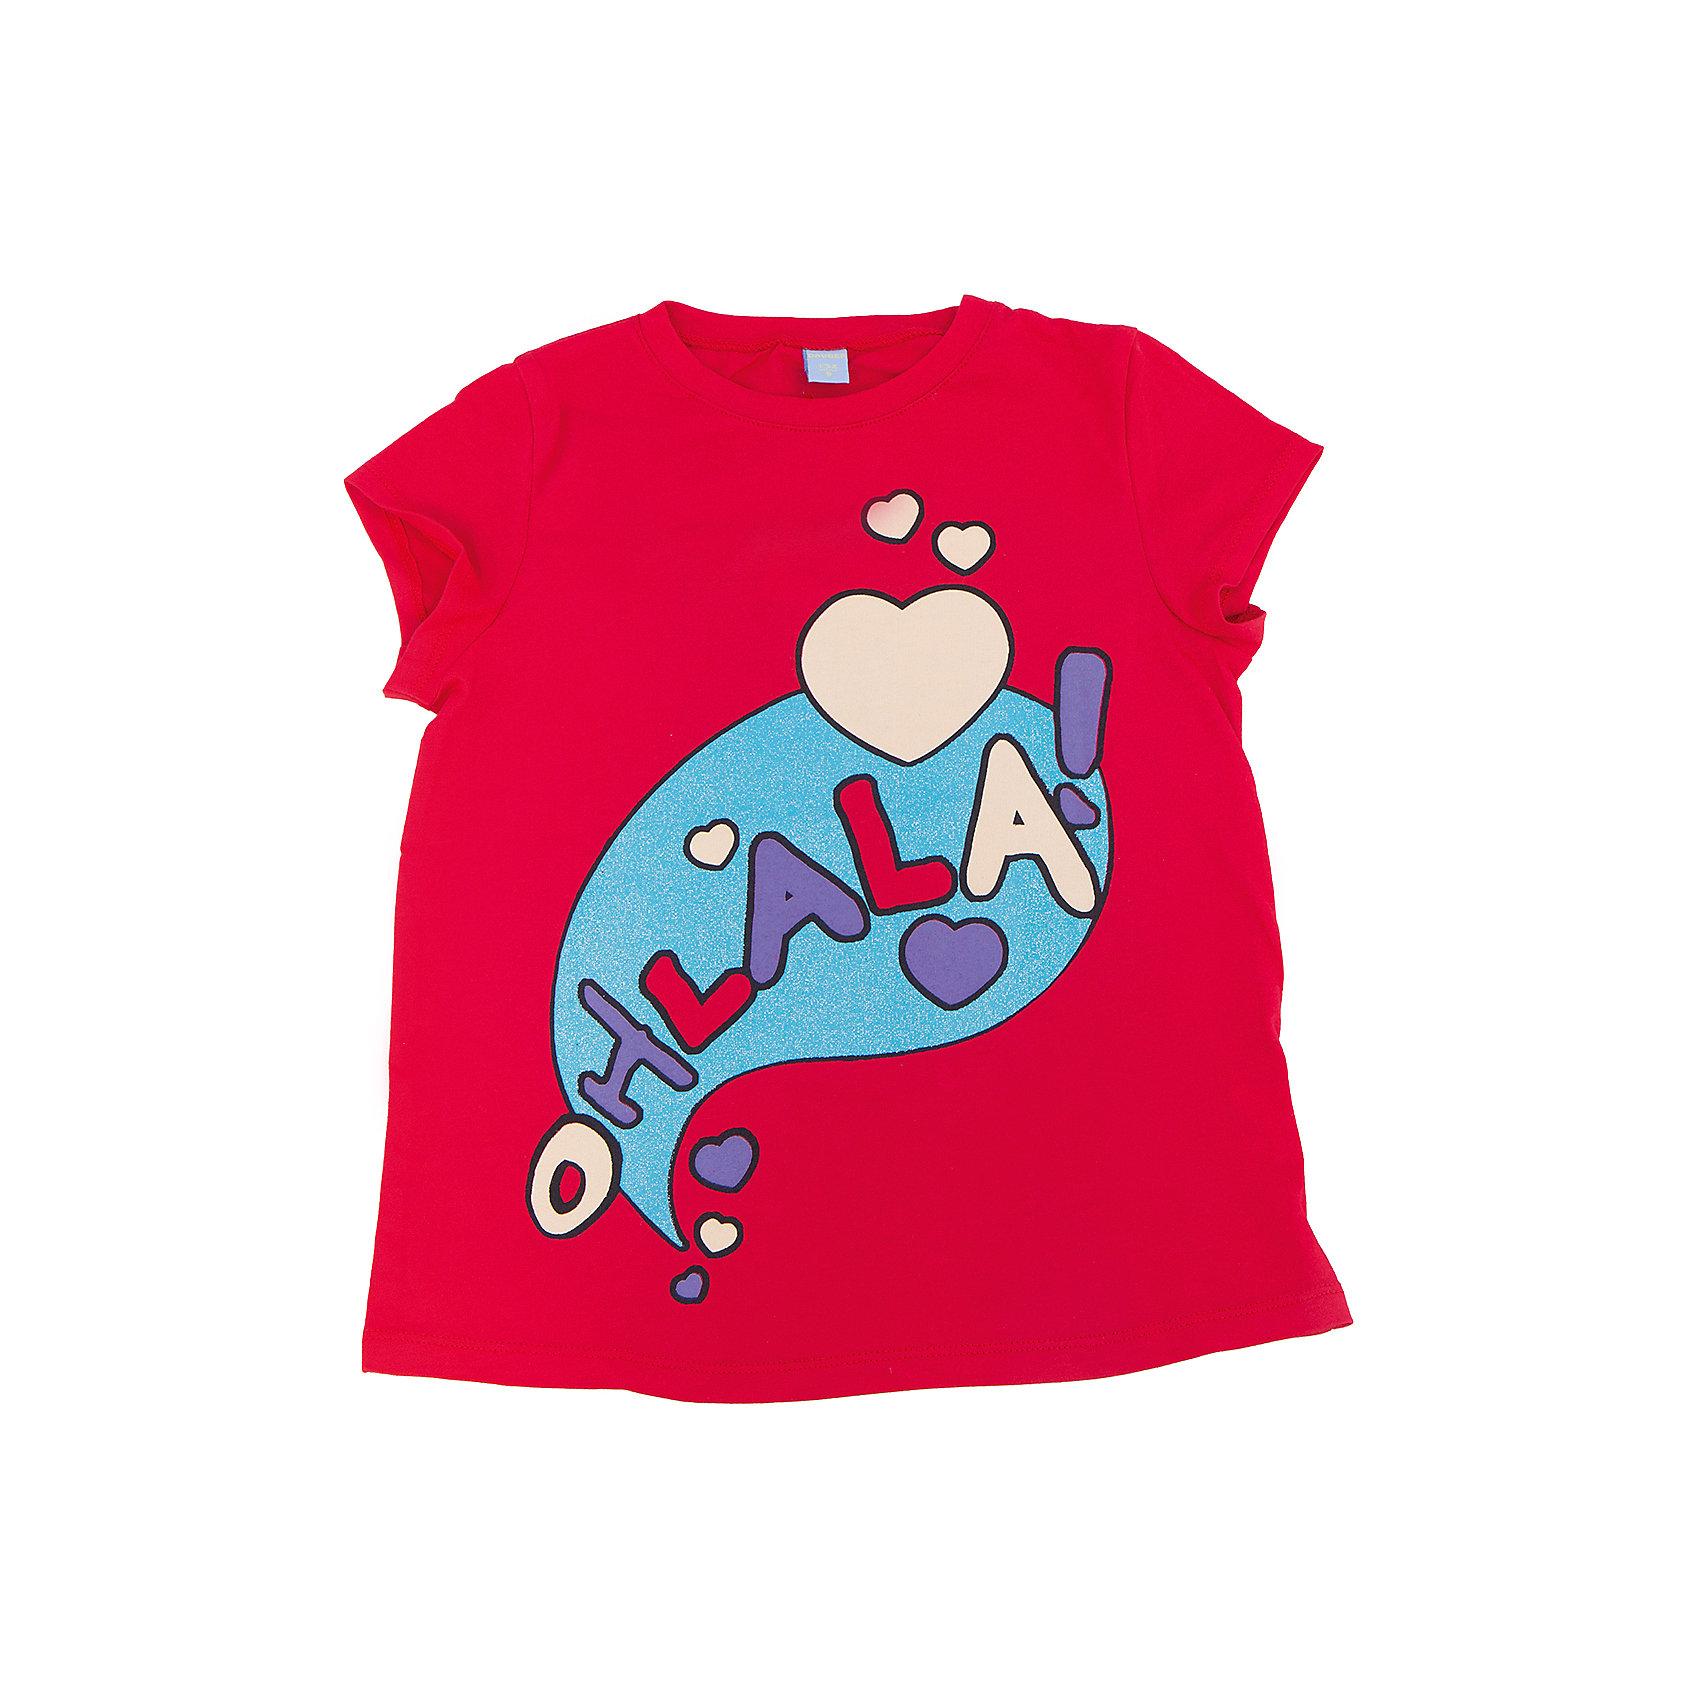 Футболка для девочки DAUBERФутболка для девочки DAUBER<br><br>Характеристики:<br><br>• Состав: 100%хлопок.<br>• Цвет: красный.<br>• Материал: трикотаж.<br><br>Футболка для девочки от российского бренда DAUBER.<br>Модная футболка красного цвета выполнена из хлопкового трикотажа. Оригинальный забавный принт не оставит равнодушной вашу малышку. Натуральный хлопок в составе изделия делает его дышащим, приятным на ощупь и гипоаллергенным. Мягкая обтачка на горловине не вызовет трудностей при надевании. В такой футболке ваша девочка будет чувствовать себя комфортно и уютно.<br><br>Футболка для девочки DAUBER, можно купить в нашем интернет - магазине.<br><br>Ширина мм: 199<br>Глубина мм: 10<br>Высота мм: 161<br>Вес г: 151<br>Цвет: красный<br>Возраст от месяцев: 84<br>Возраст до месяцев: 96<br>Пол: Женский<br>Возраст: Детский<br>Размер: 128,146,152,140,134<br>SKU: 4953440